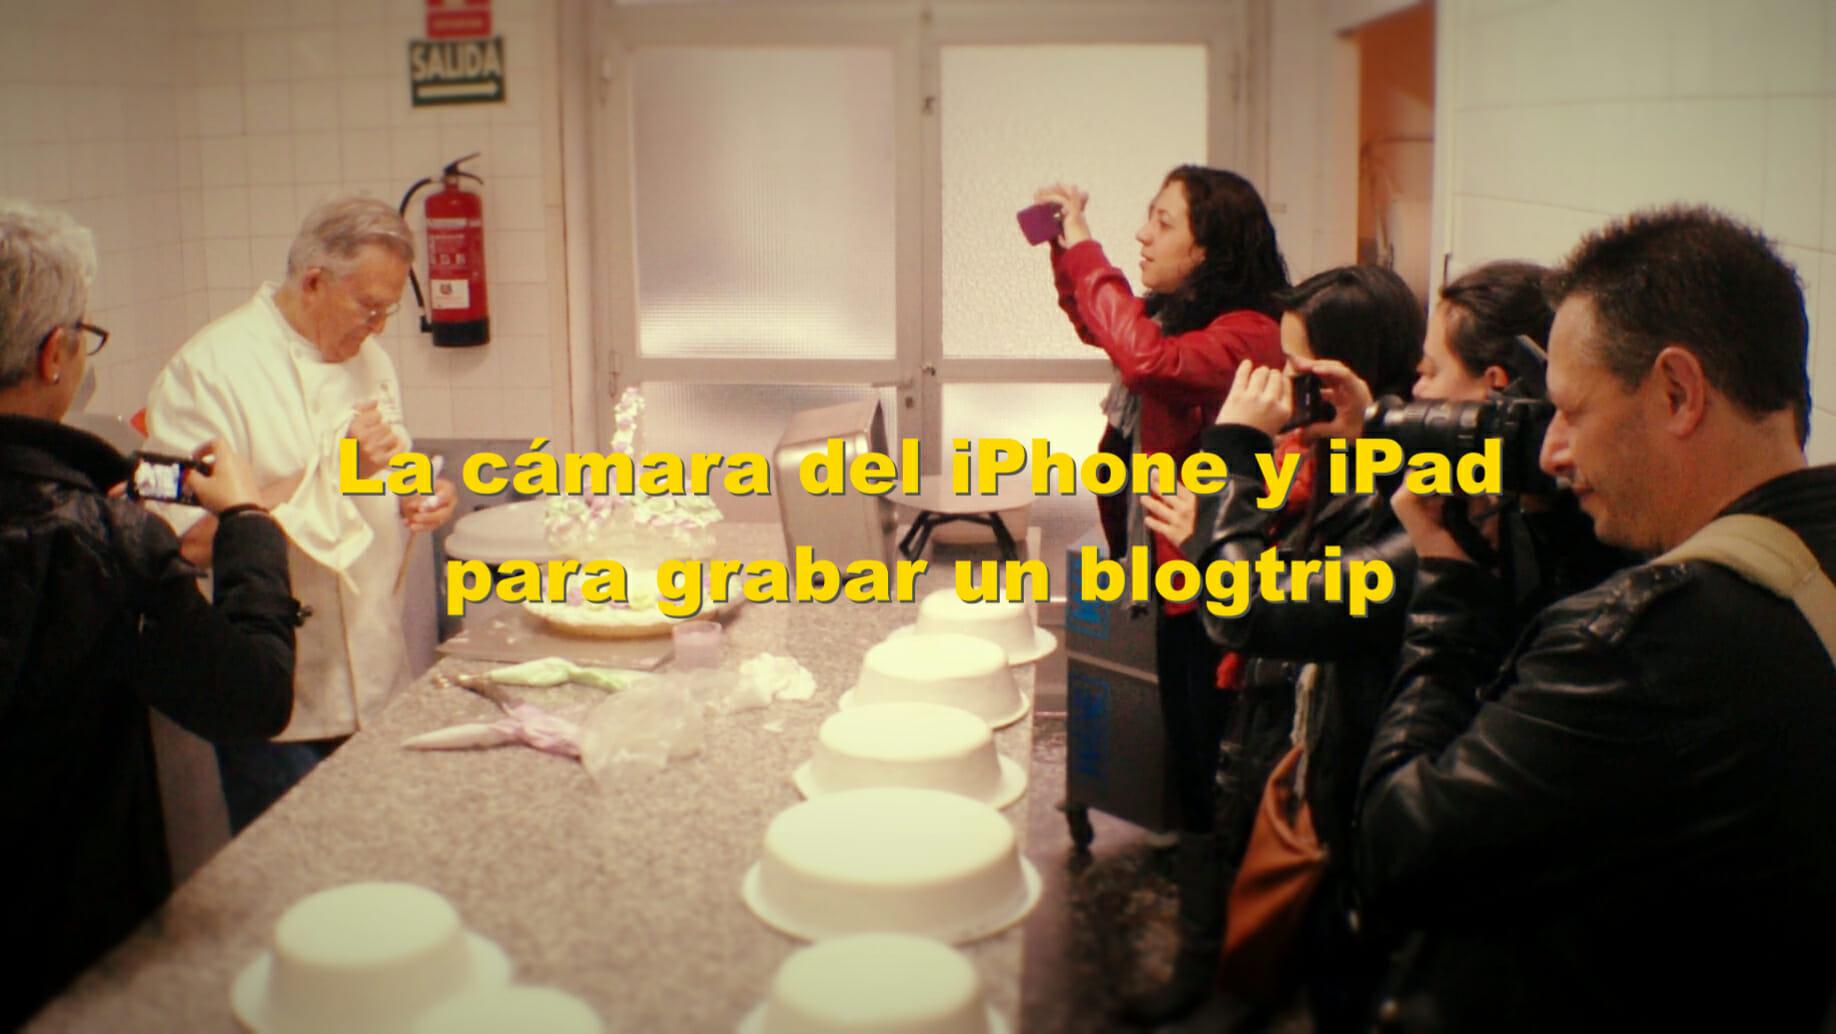 La cámara del iPhone y iPad para grabar un blogtrip